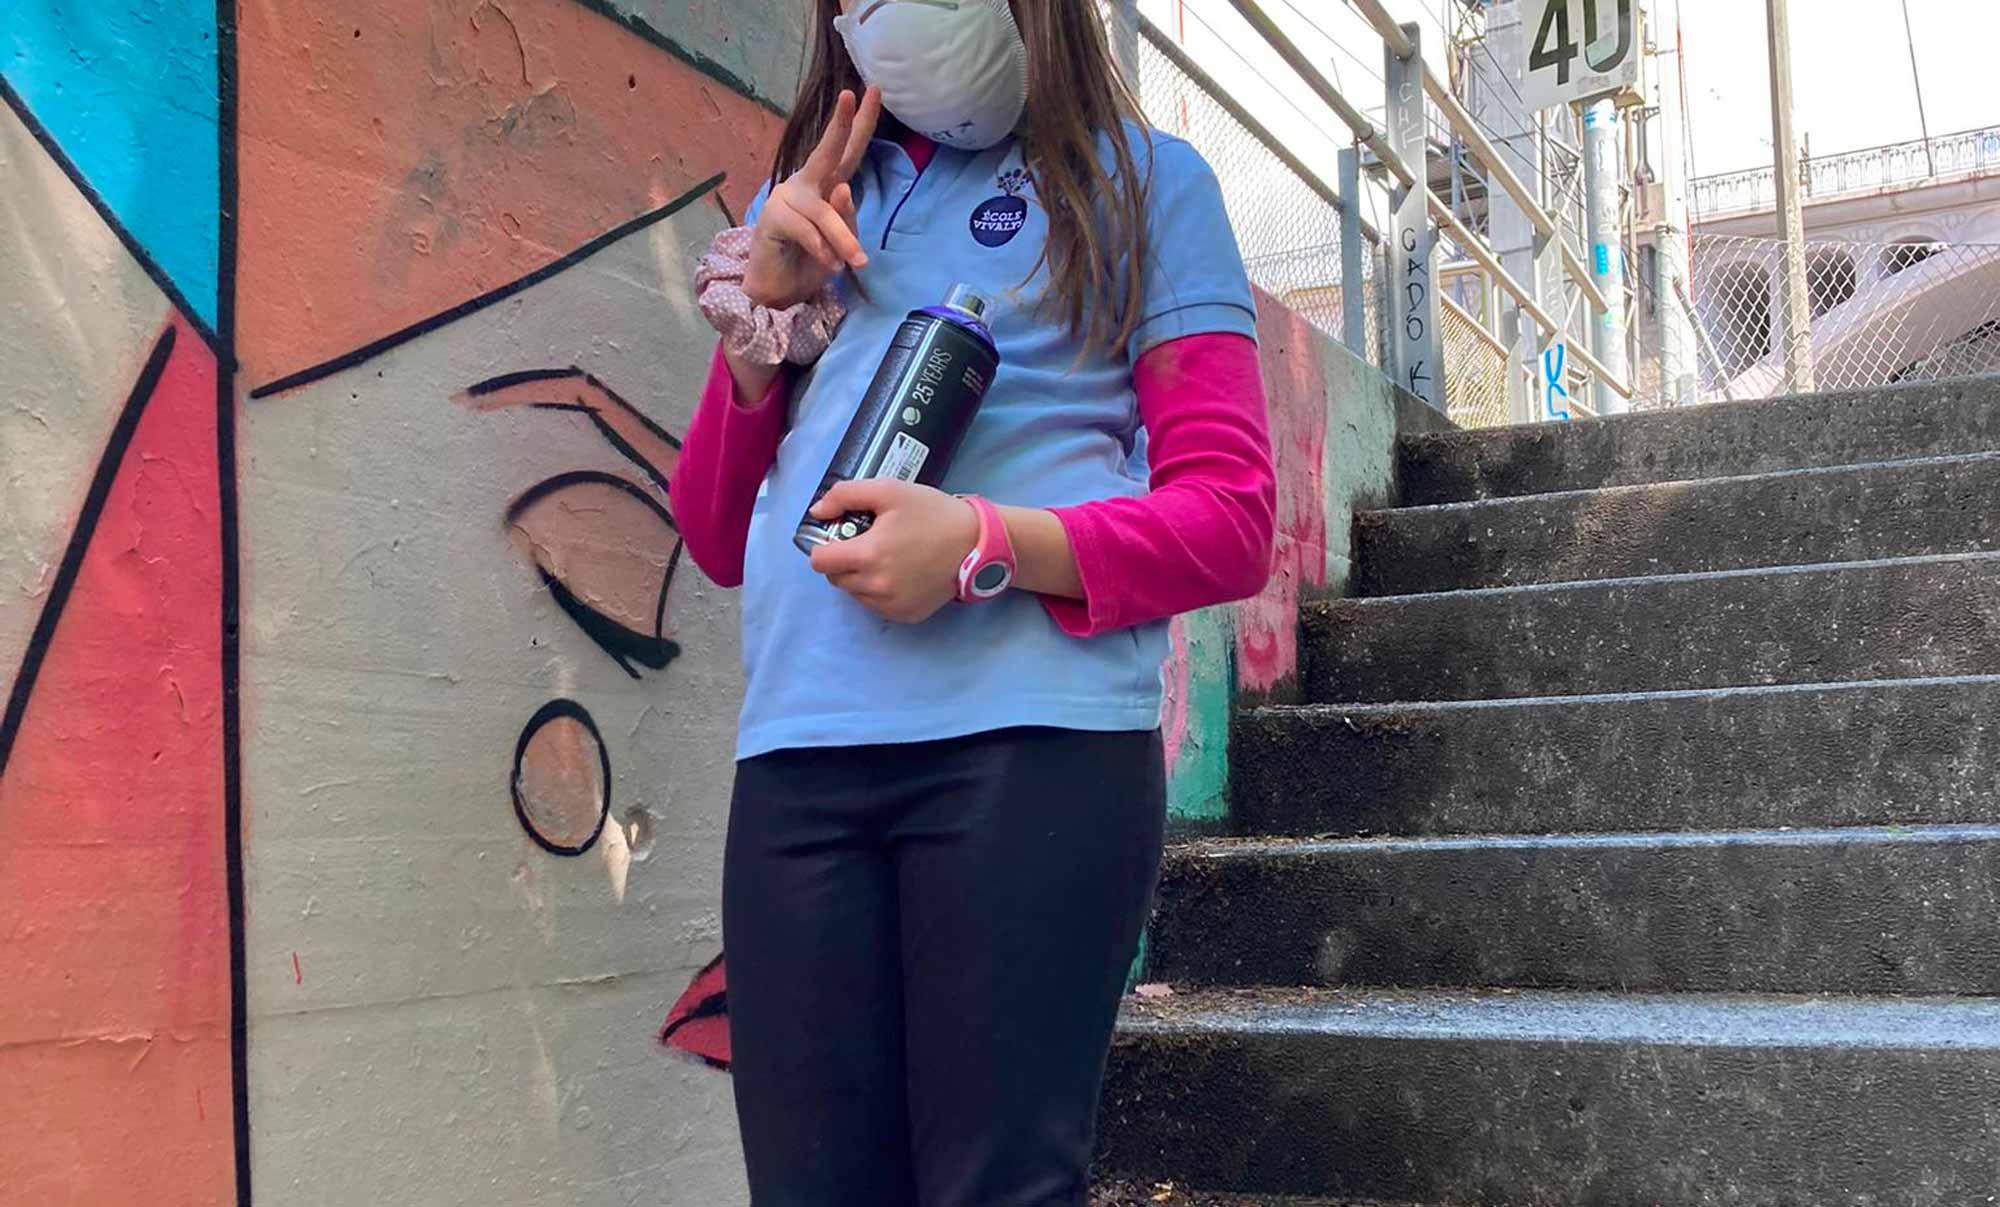 ecole-vivalys-graffiti-parascolaire-2